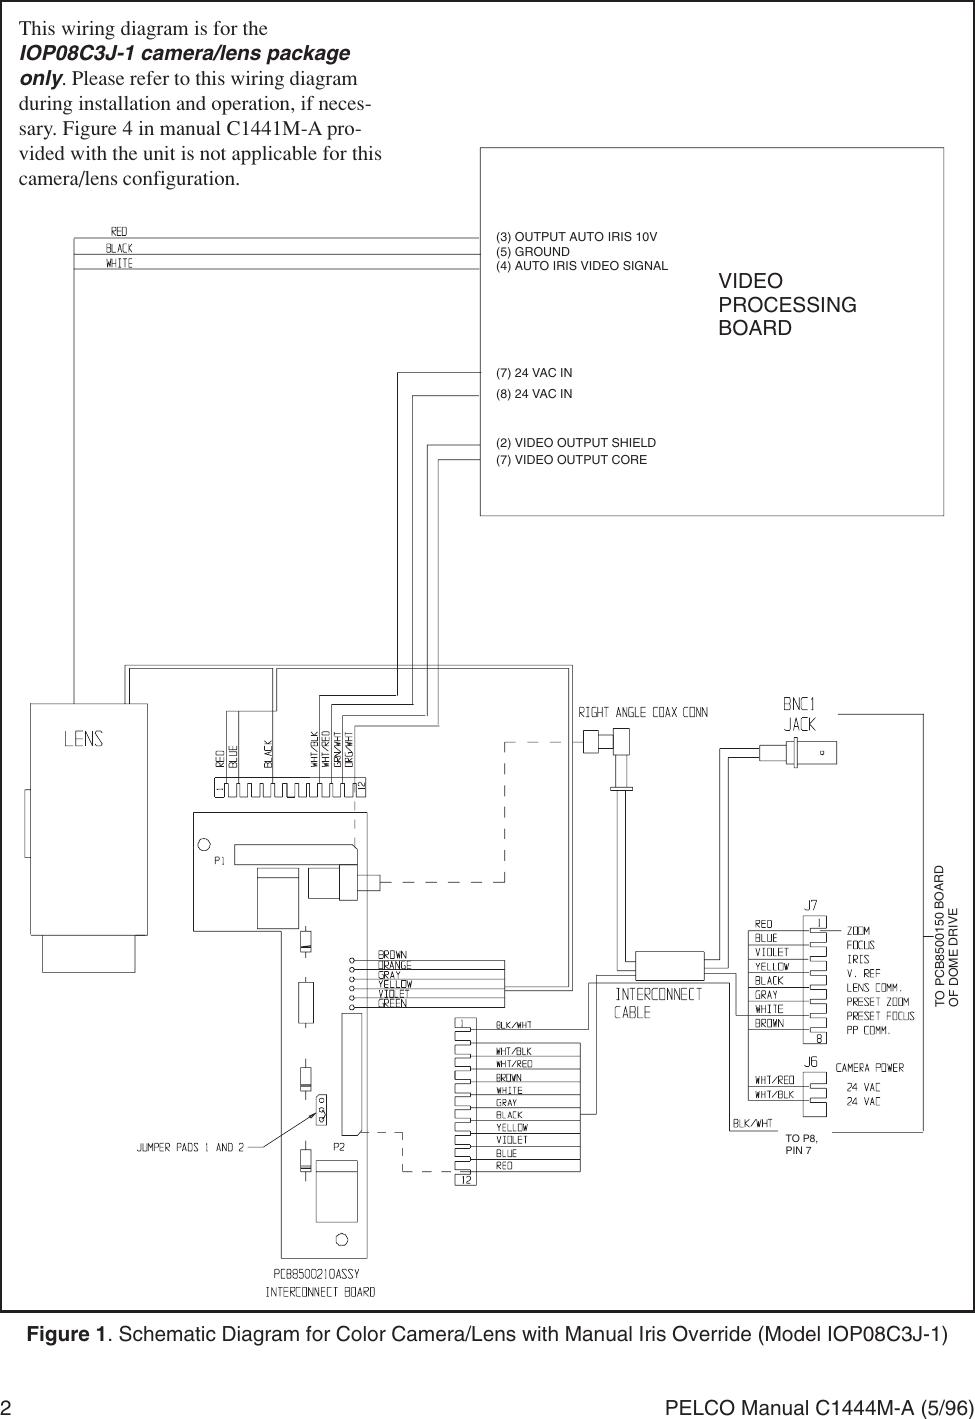 Pelco Cctv Wiring Diagram 1993 Suzuki Sidekick Wiring Diagrams For Wiring Diagram Schematics